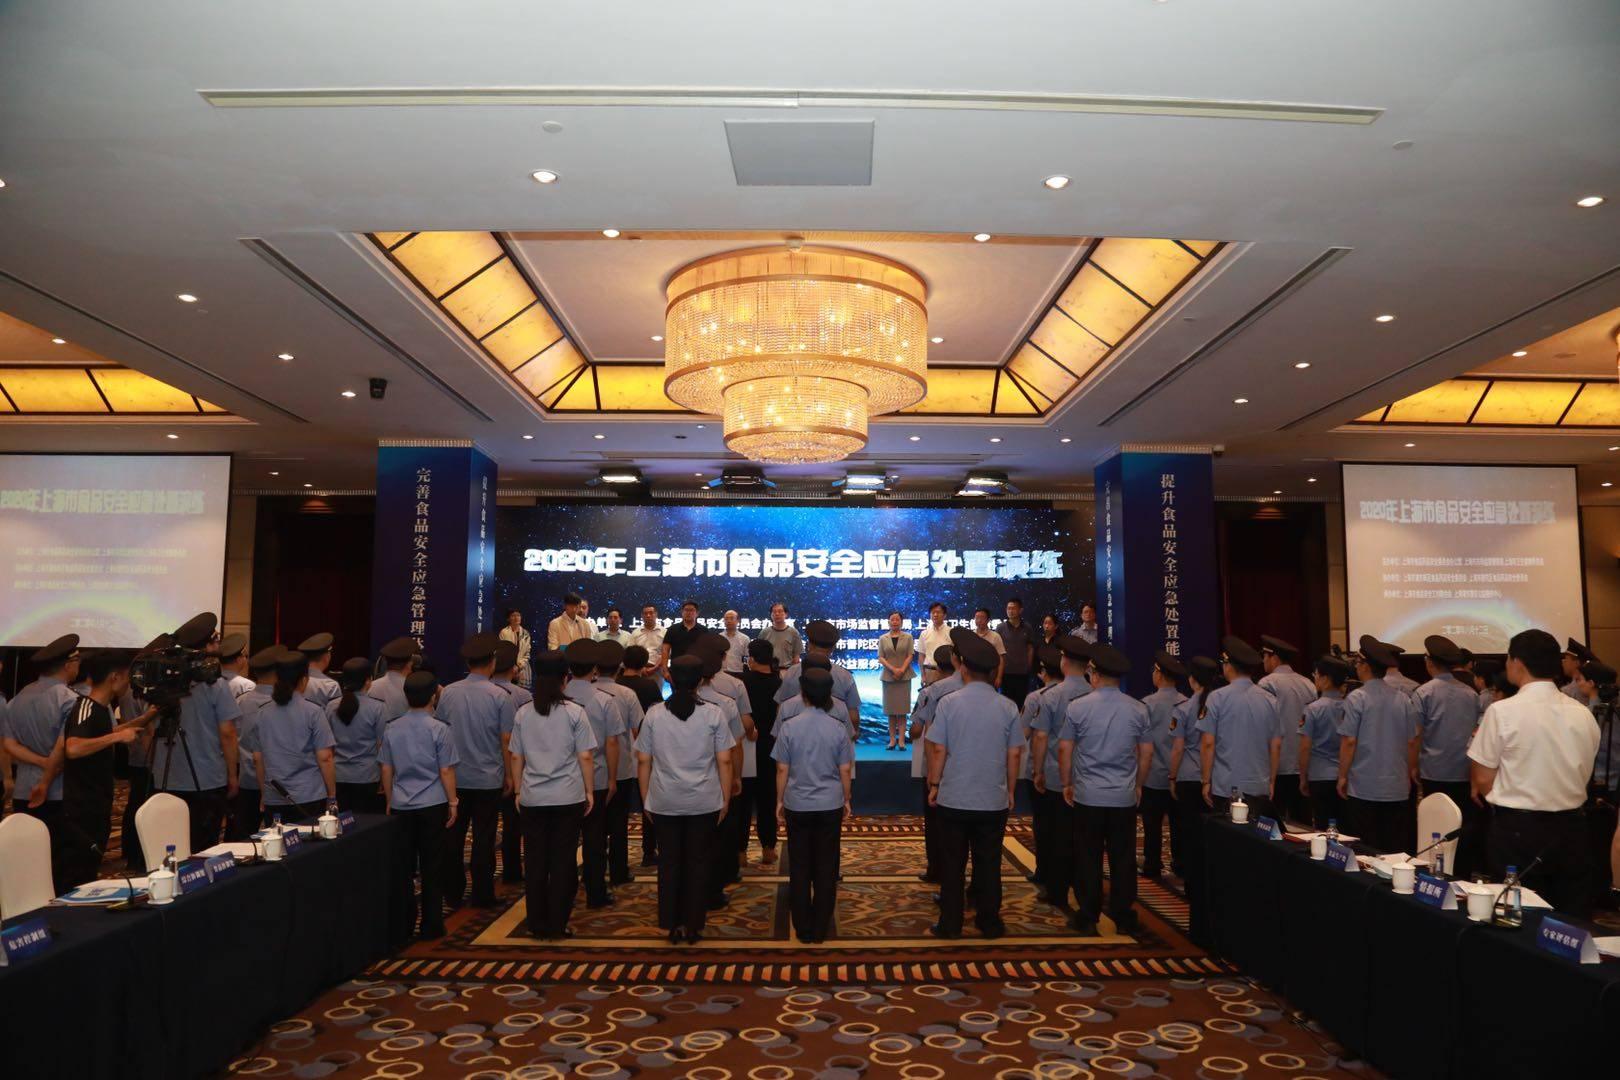 发生百人以上食品中毒怎么办?上海今举行食品安全应急处置演练